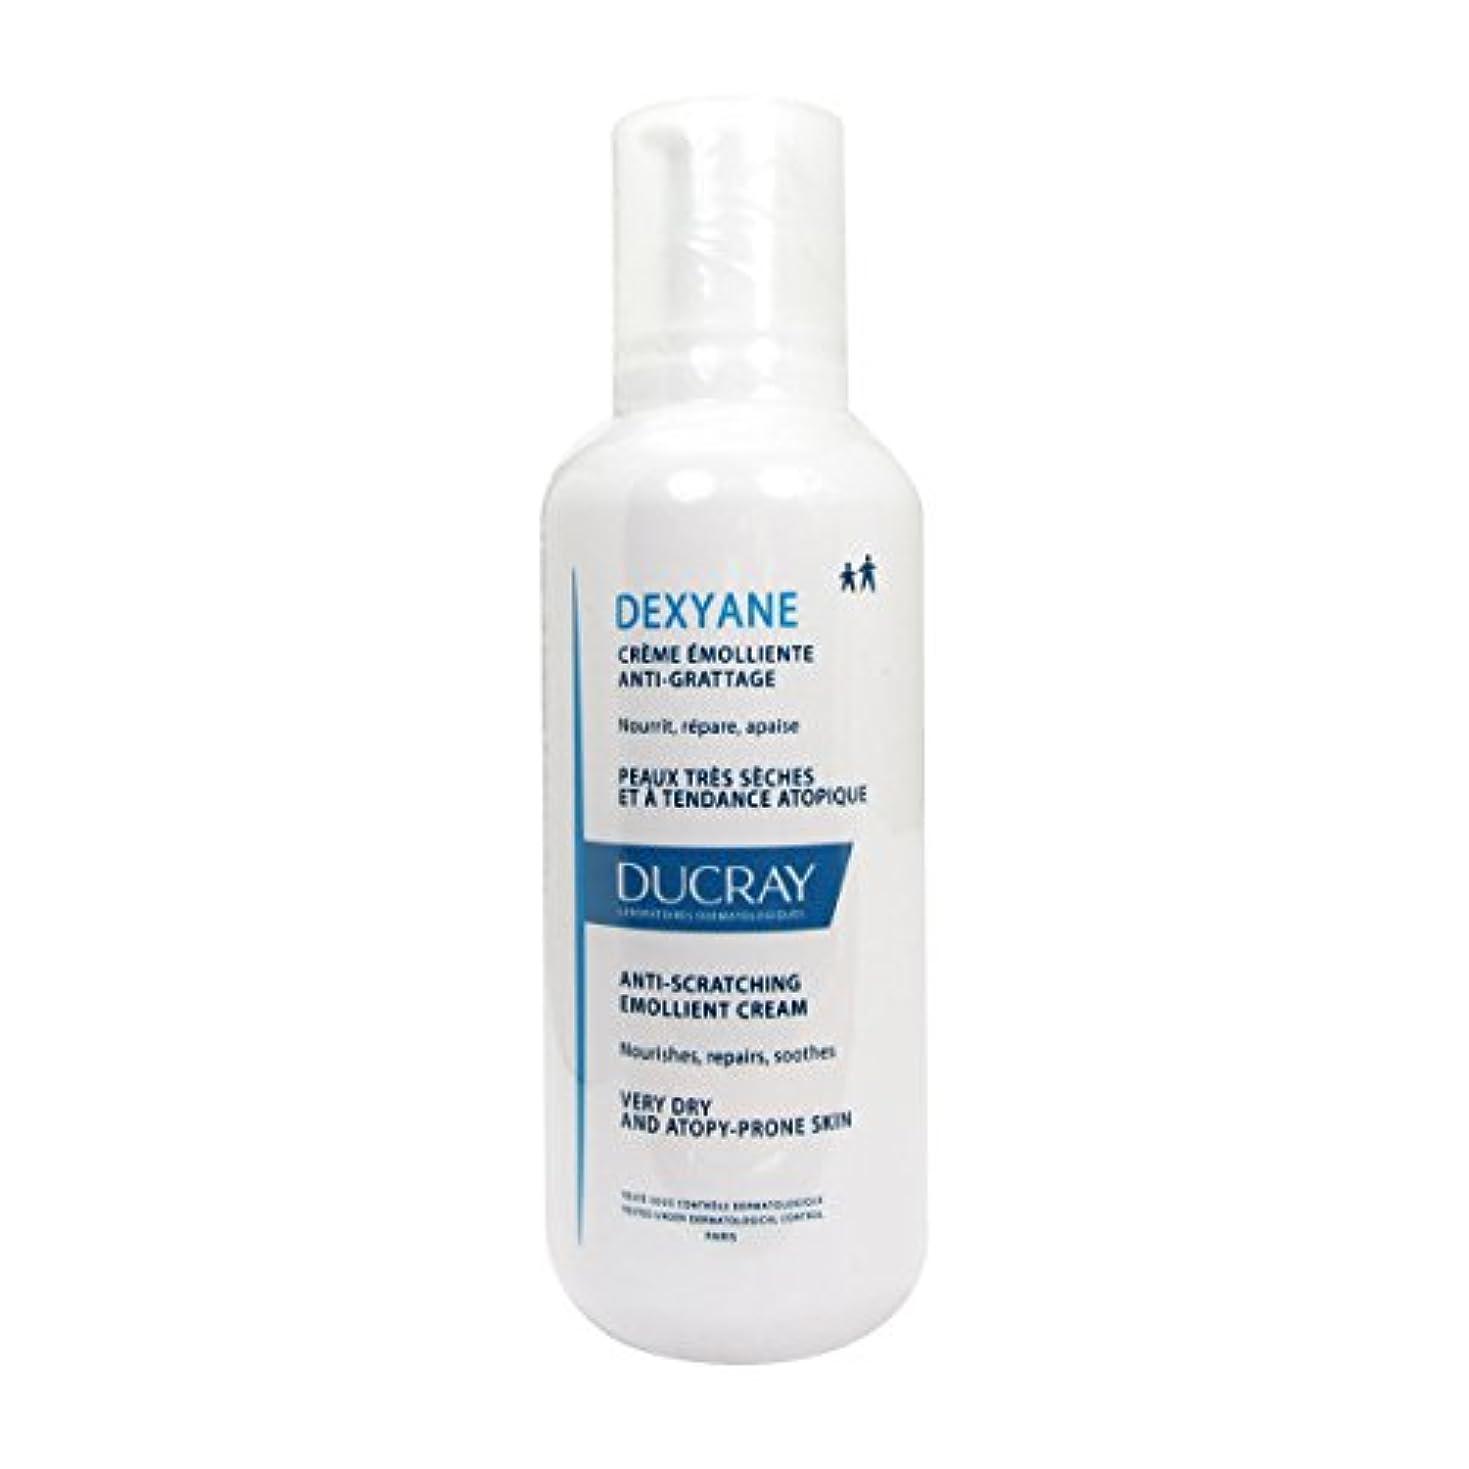 テクニカルそんなに胴体Ducray Dexyane Anti-scratching Emollient Cream 400ml [並行輸入品]